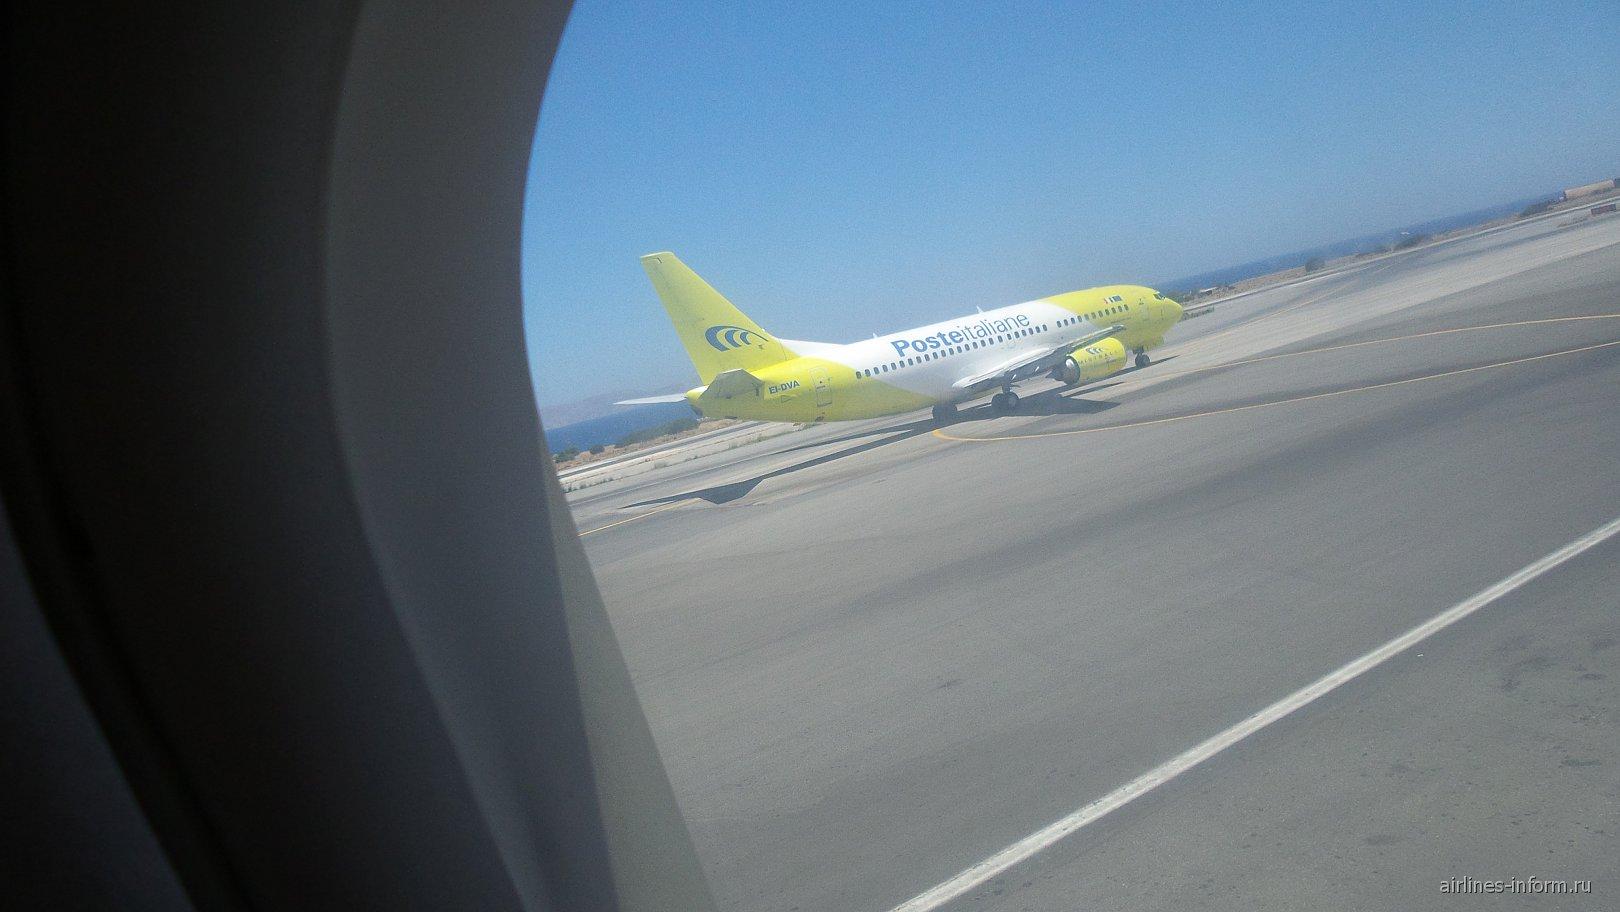 Боинг 737-500 PosteItaliana едет на взлет.Бортовой номер несколько забавный EL-DVA).